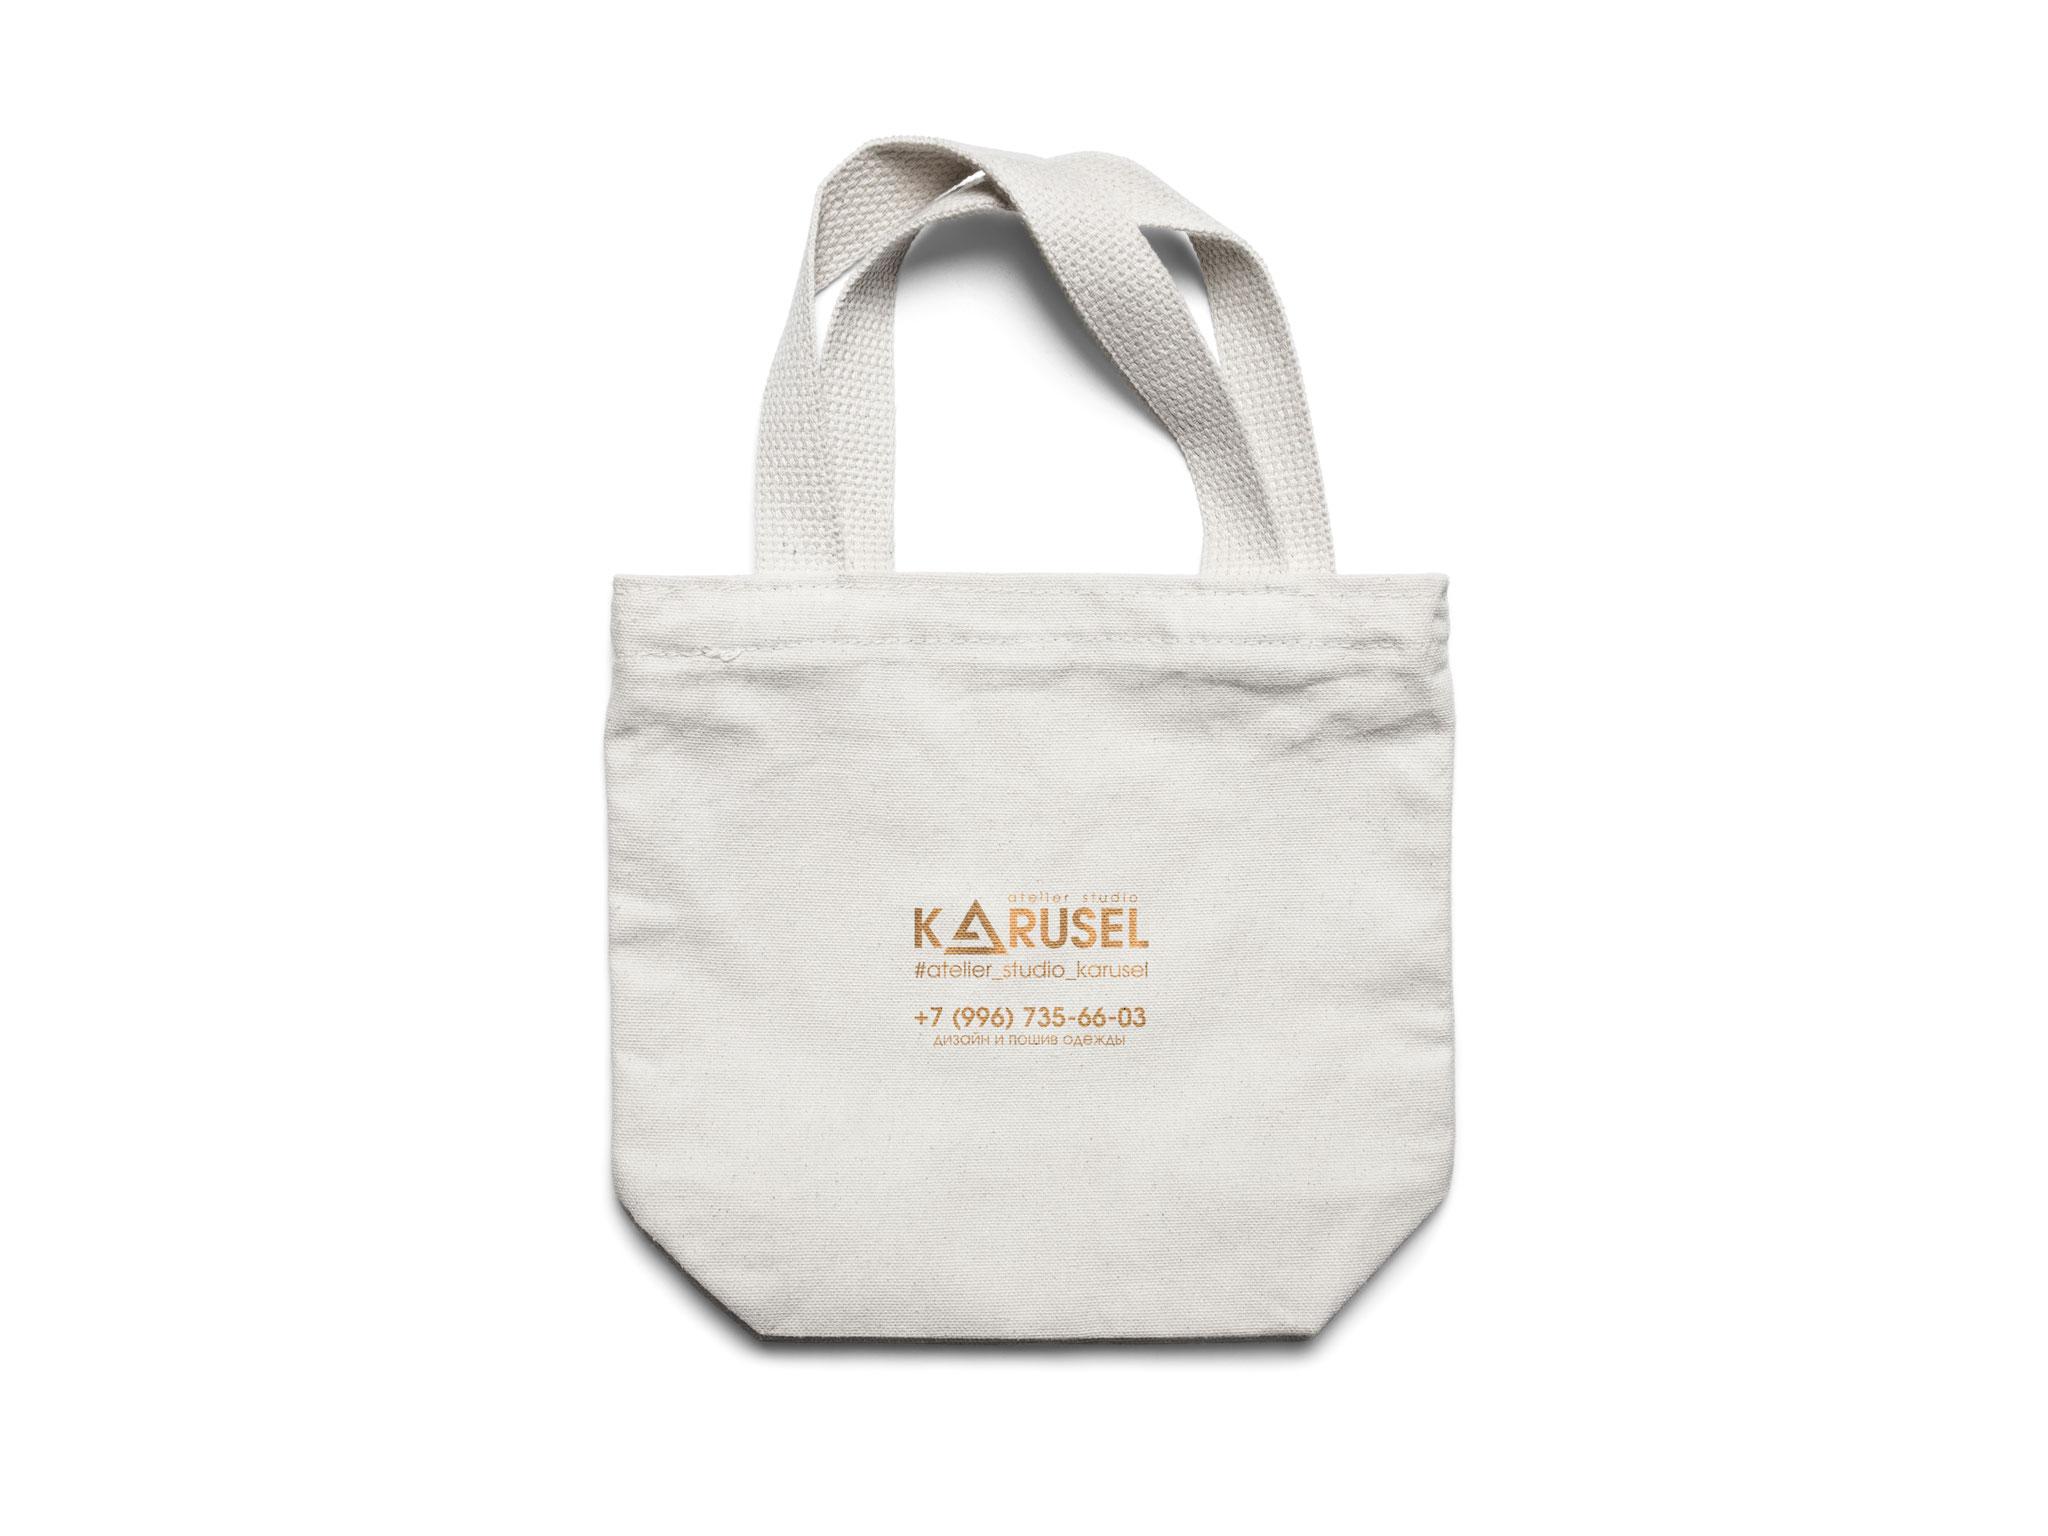 Нанесение логотипа на тканевую сумку